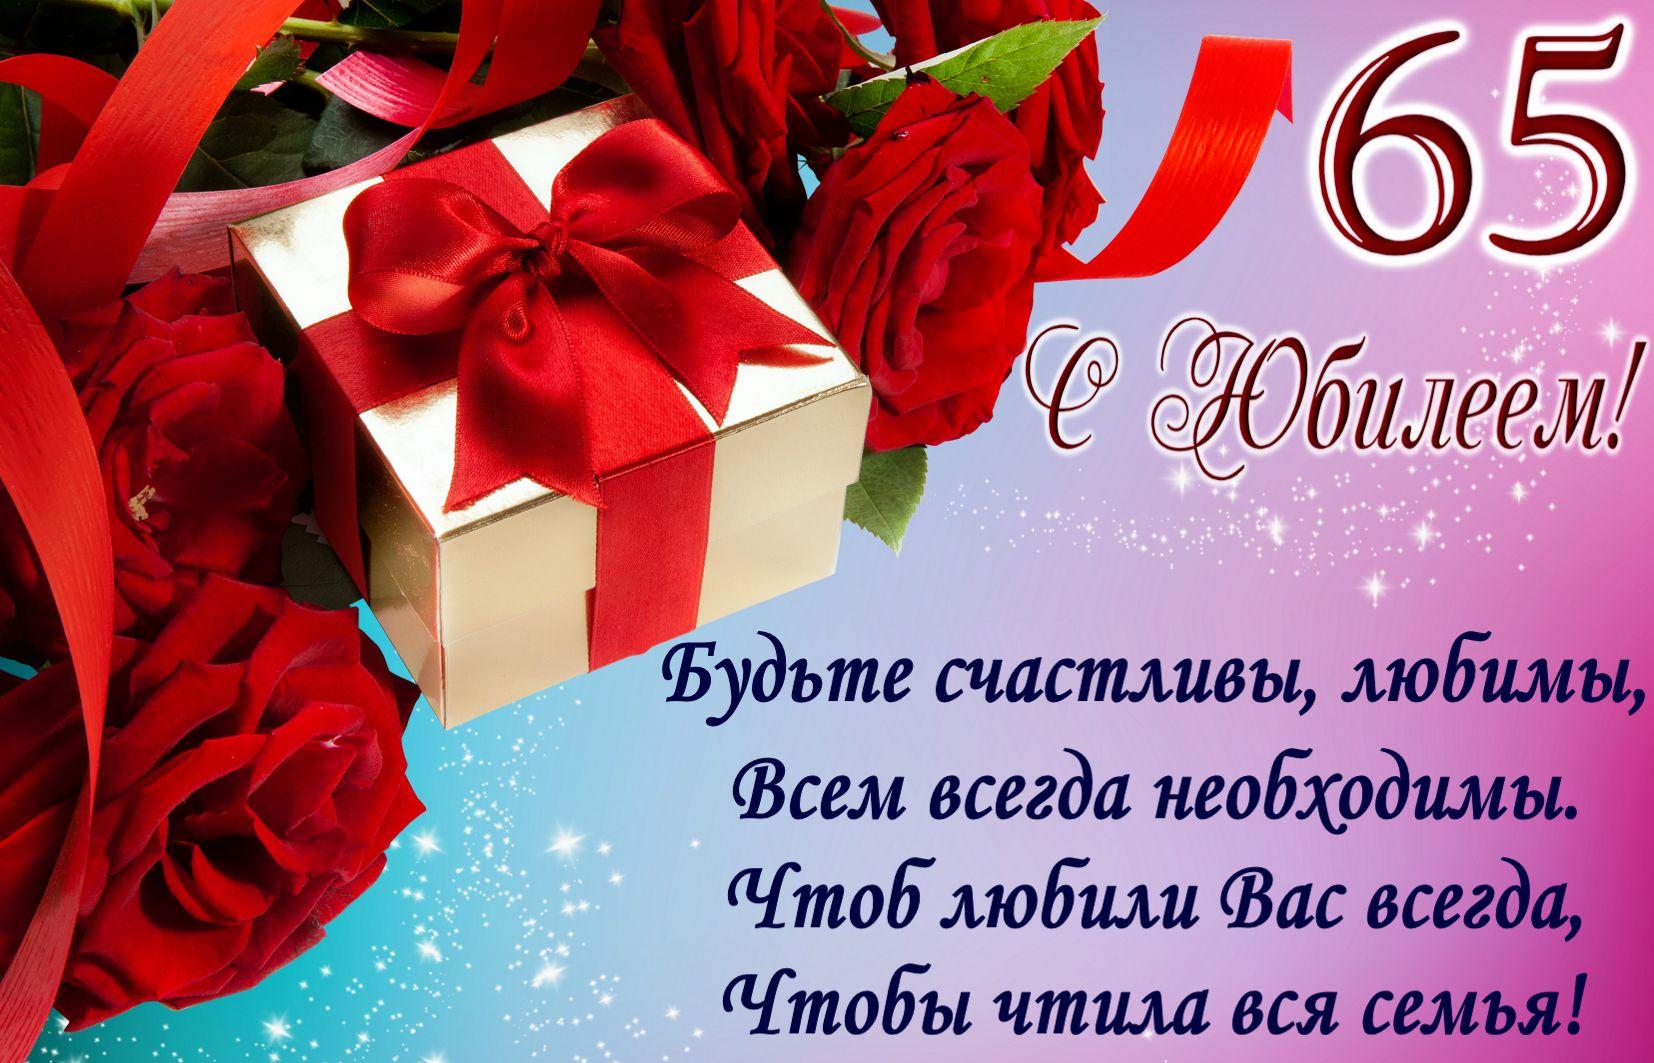 Поздравление с днем рожденья для женщины в 65лет